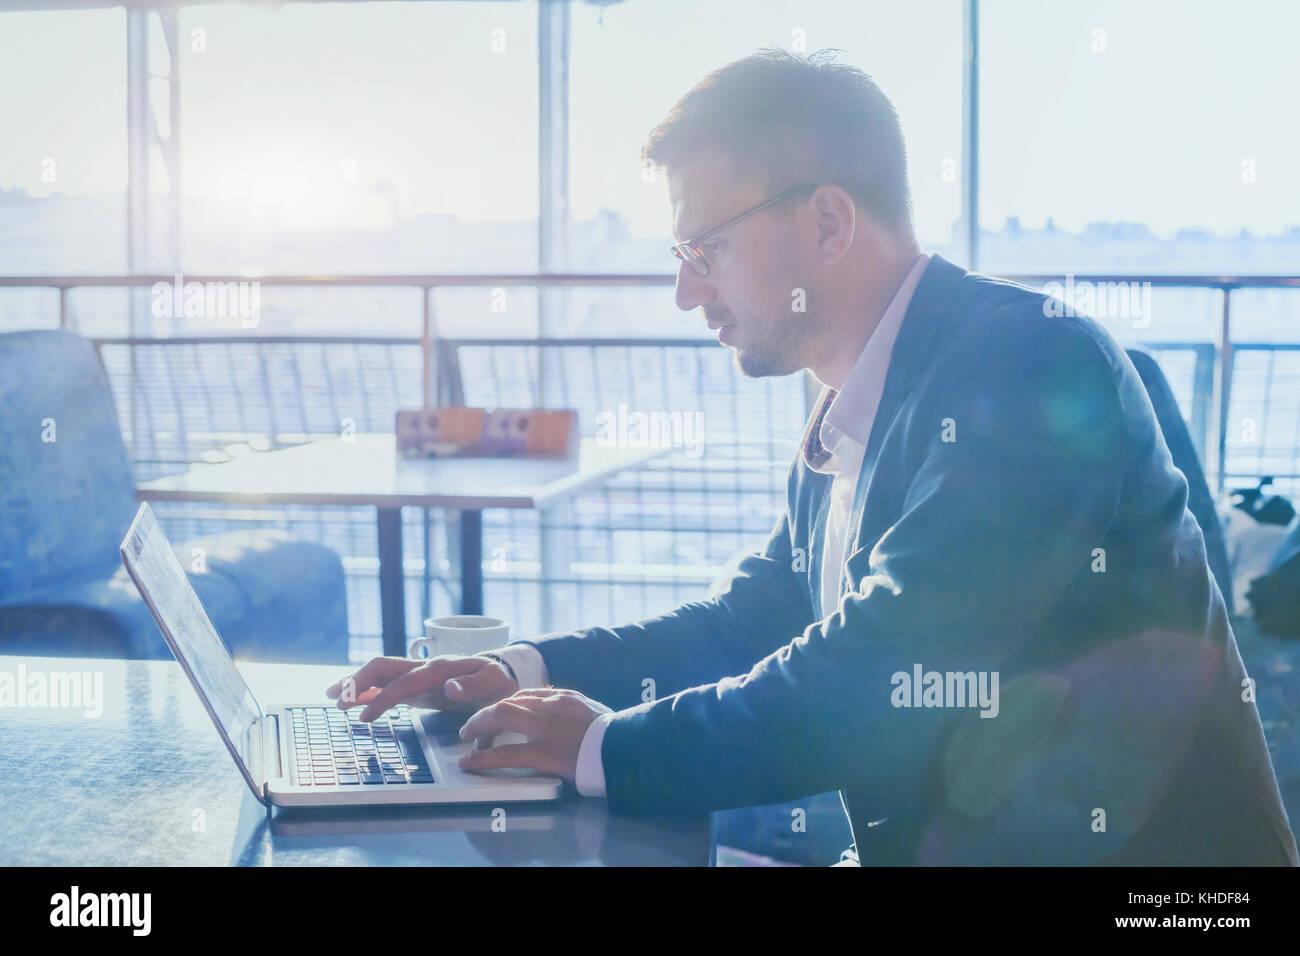 Imprenditore lavora su computer in ambienti moderni di aeroporto cafe, uomo utilizzando internet sul computer portatile, Immagini Stock